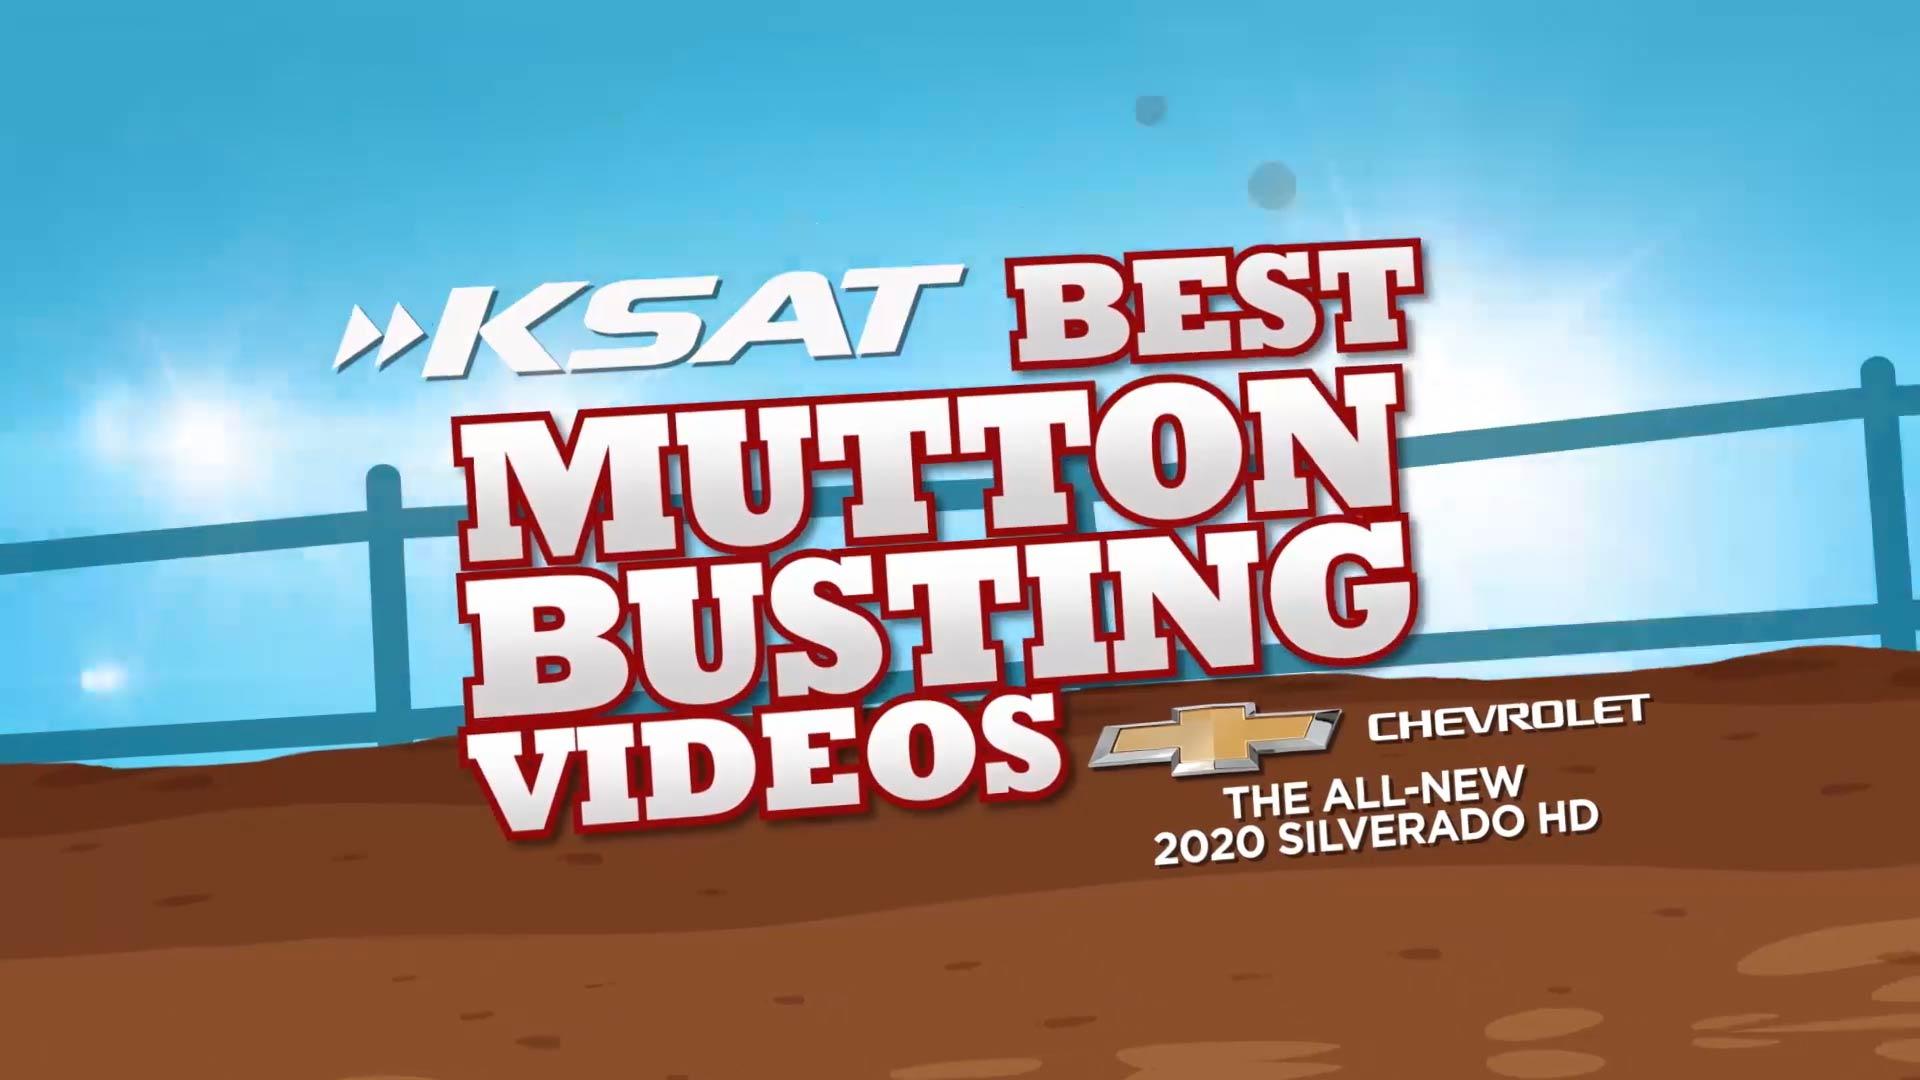 Mutton Busting Videos